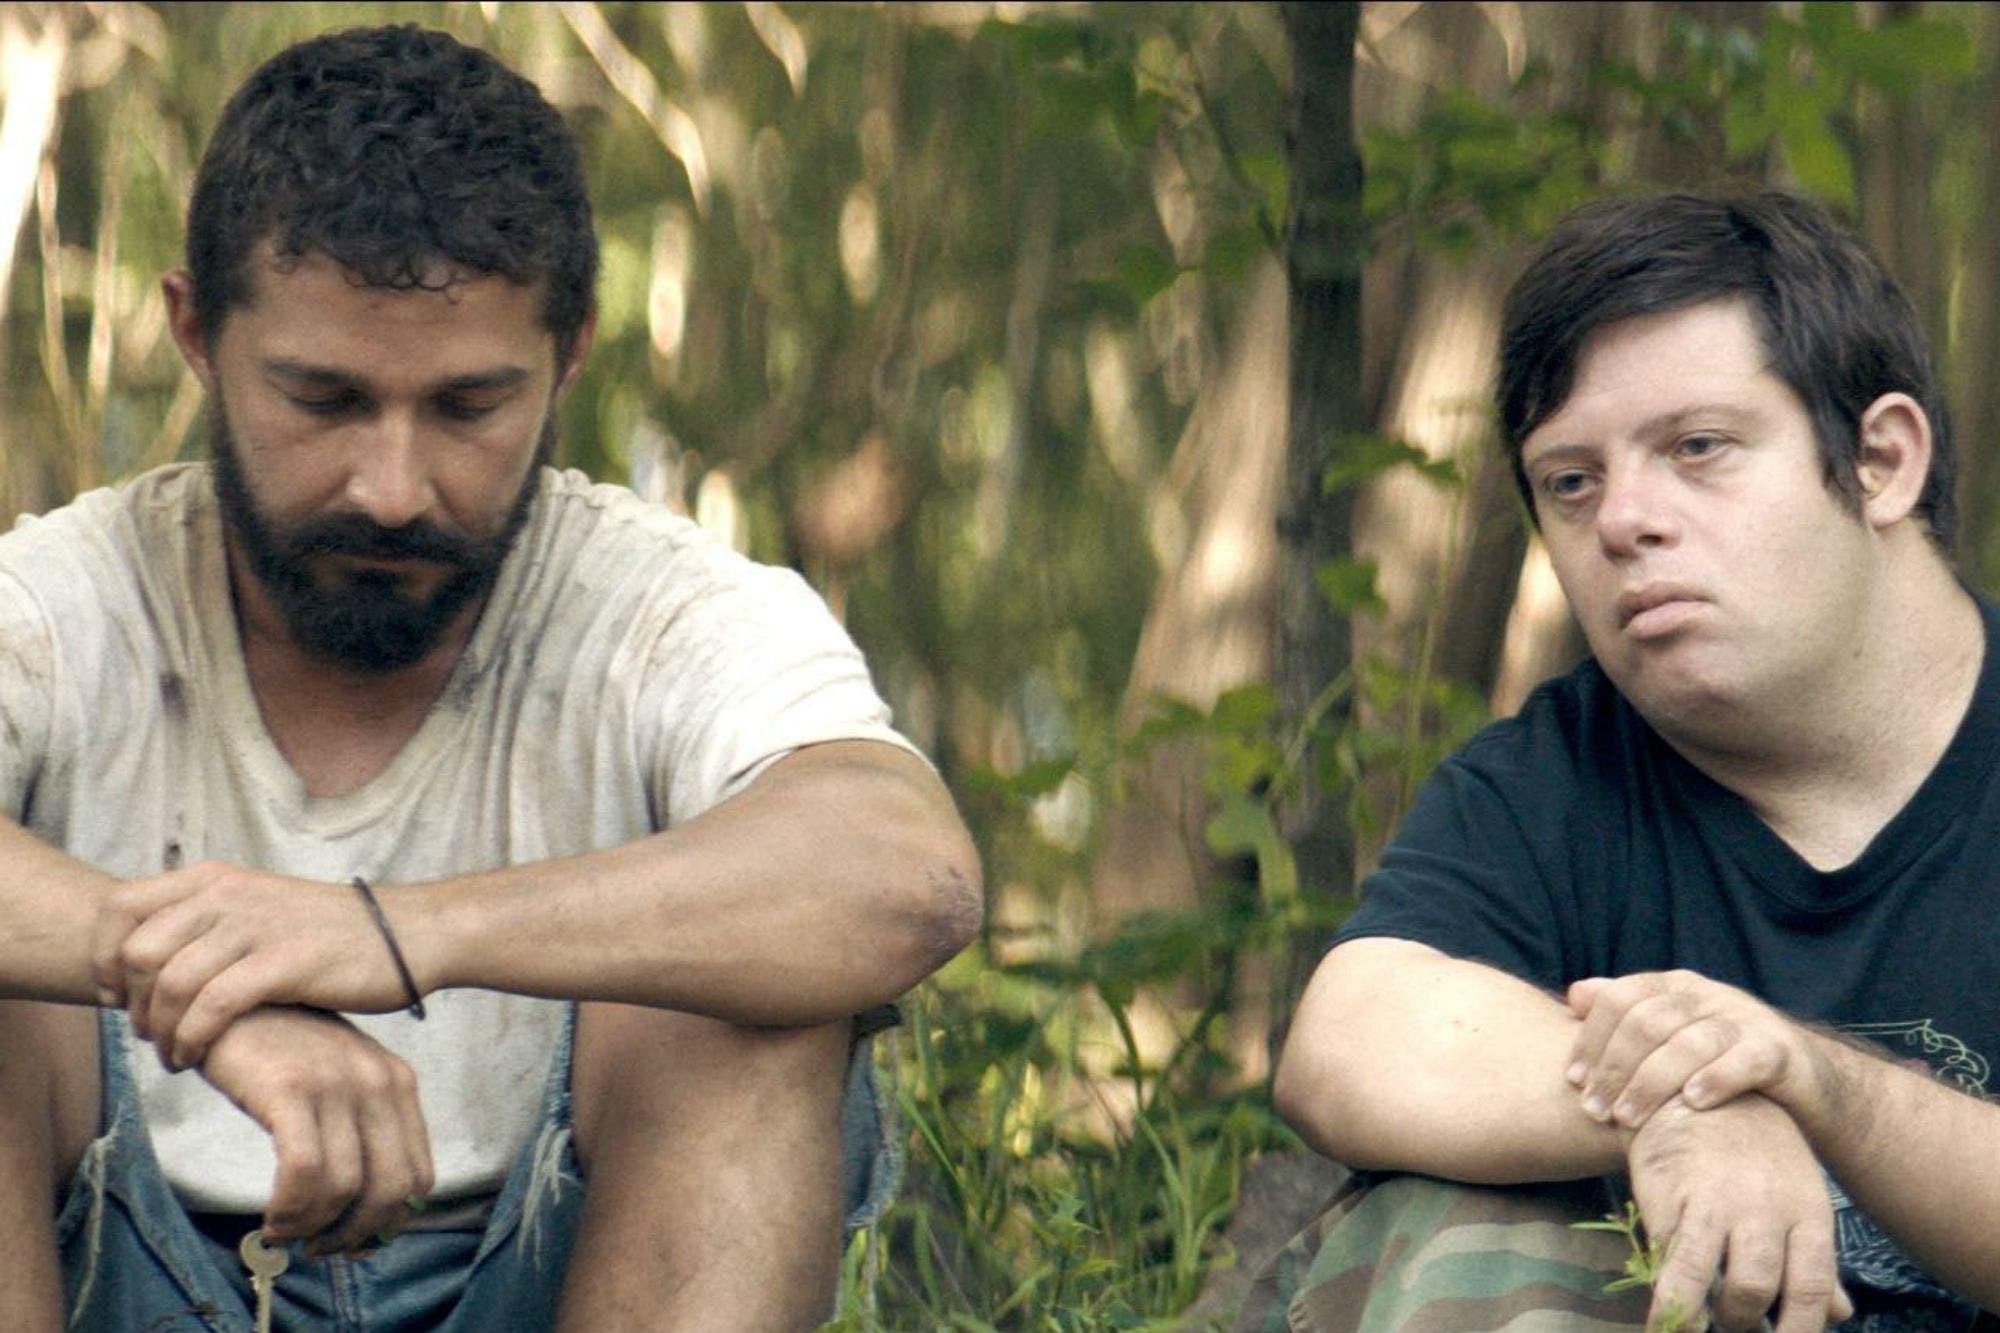 Zack Gottsagen, el actor con síndrome de Down que le cambió la vida a Shia LaBeouf